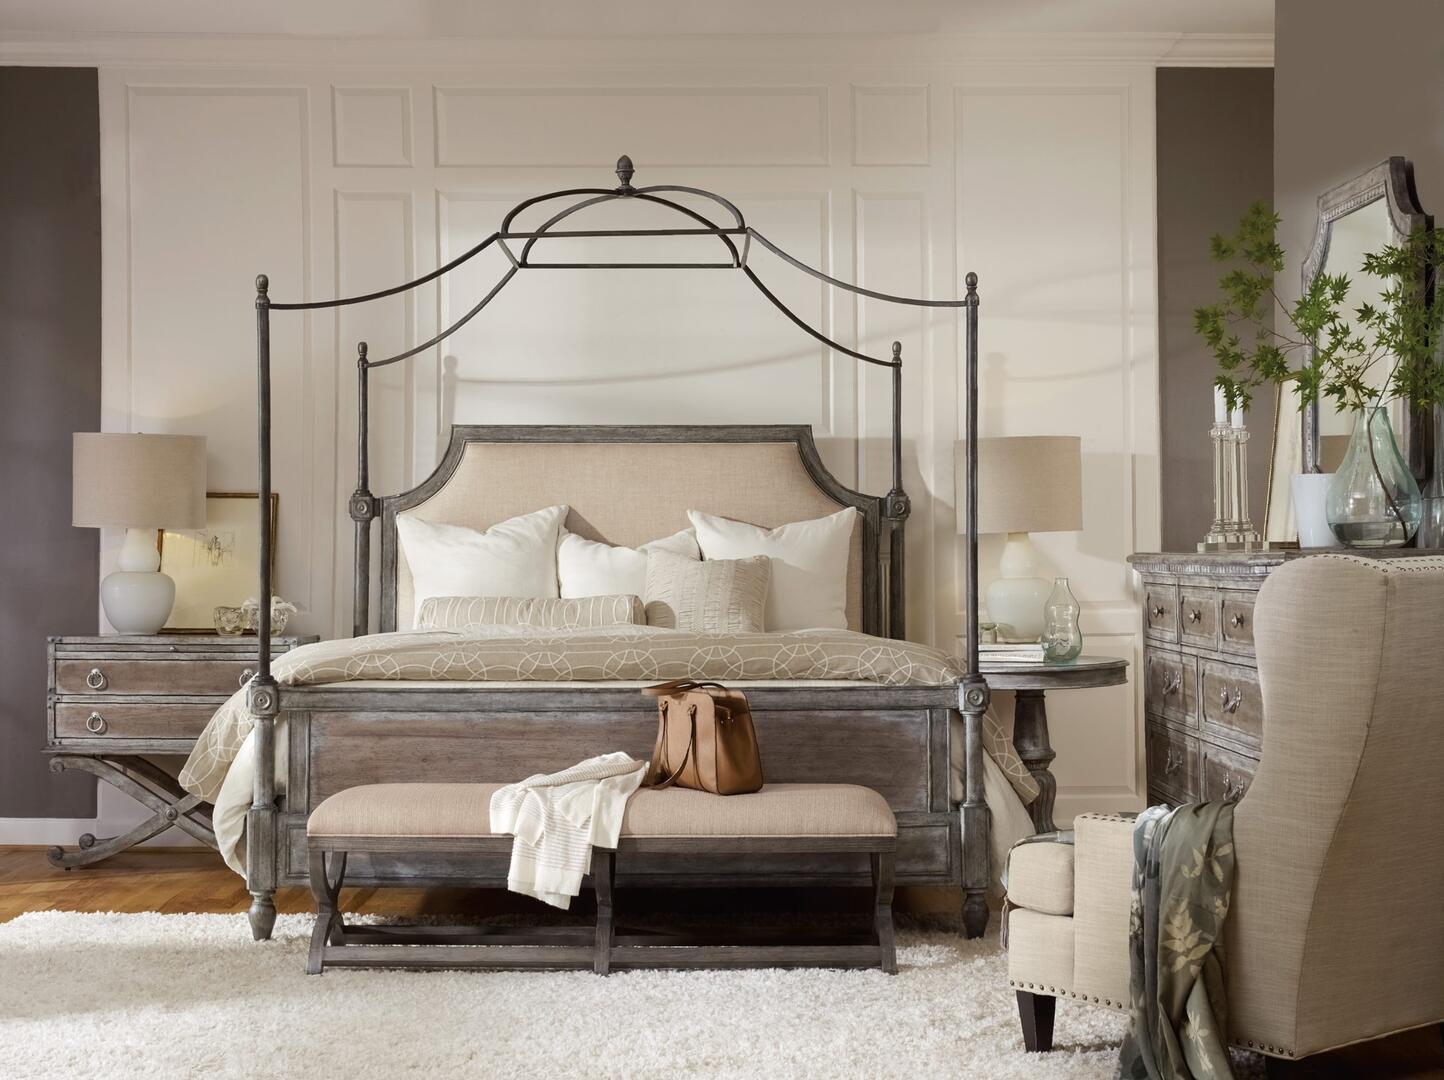 Hooker Furniture True Vintage 5 Piece King Size Bedroom Set